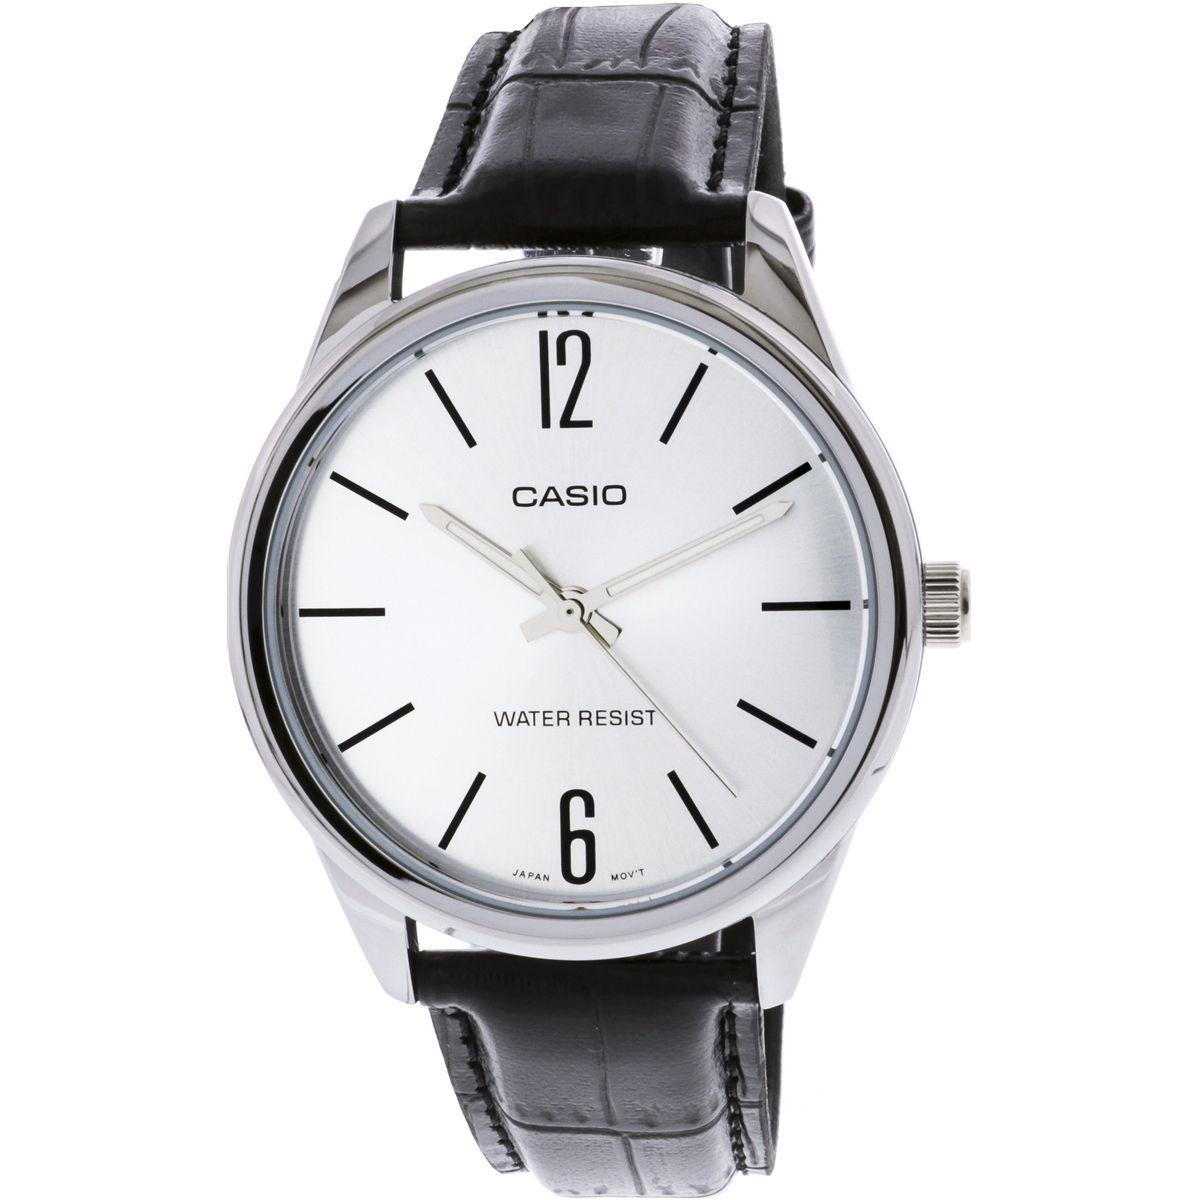 a3f2333cac1 Relógio Masculino Casio Mtp-v005l 7bu - Prata Couro Preto - Relógio ...